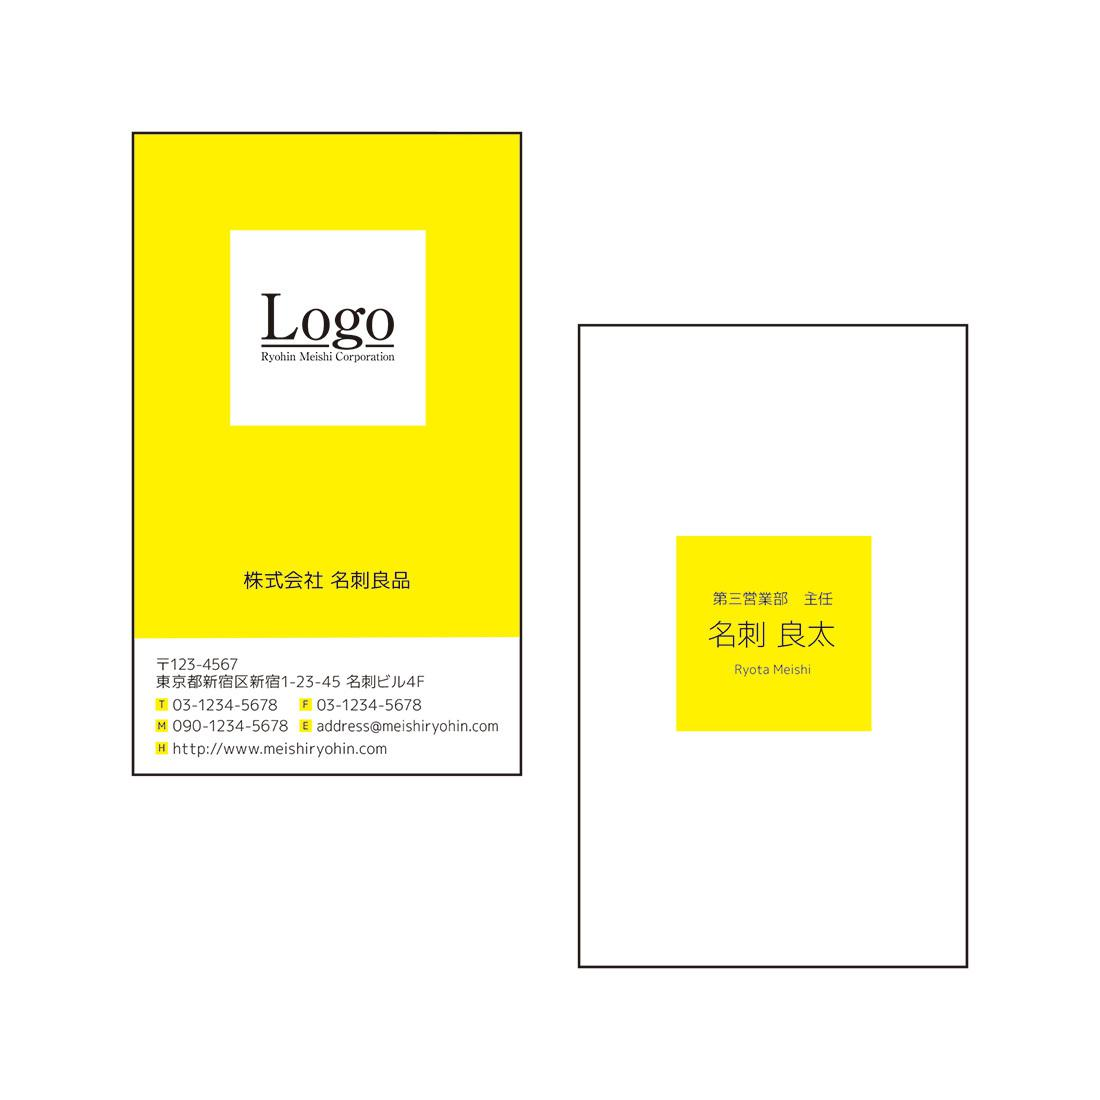 ワンコインプロジェクト500/各種デザインします デザイナー歴10年/これからの人応援するデザインプロジェクト